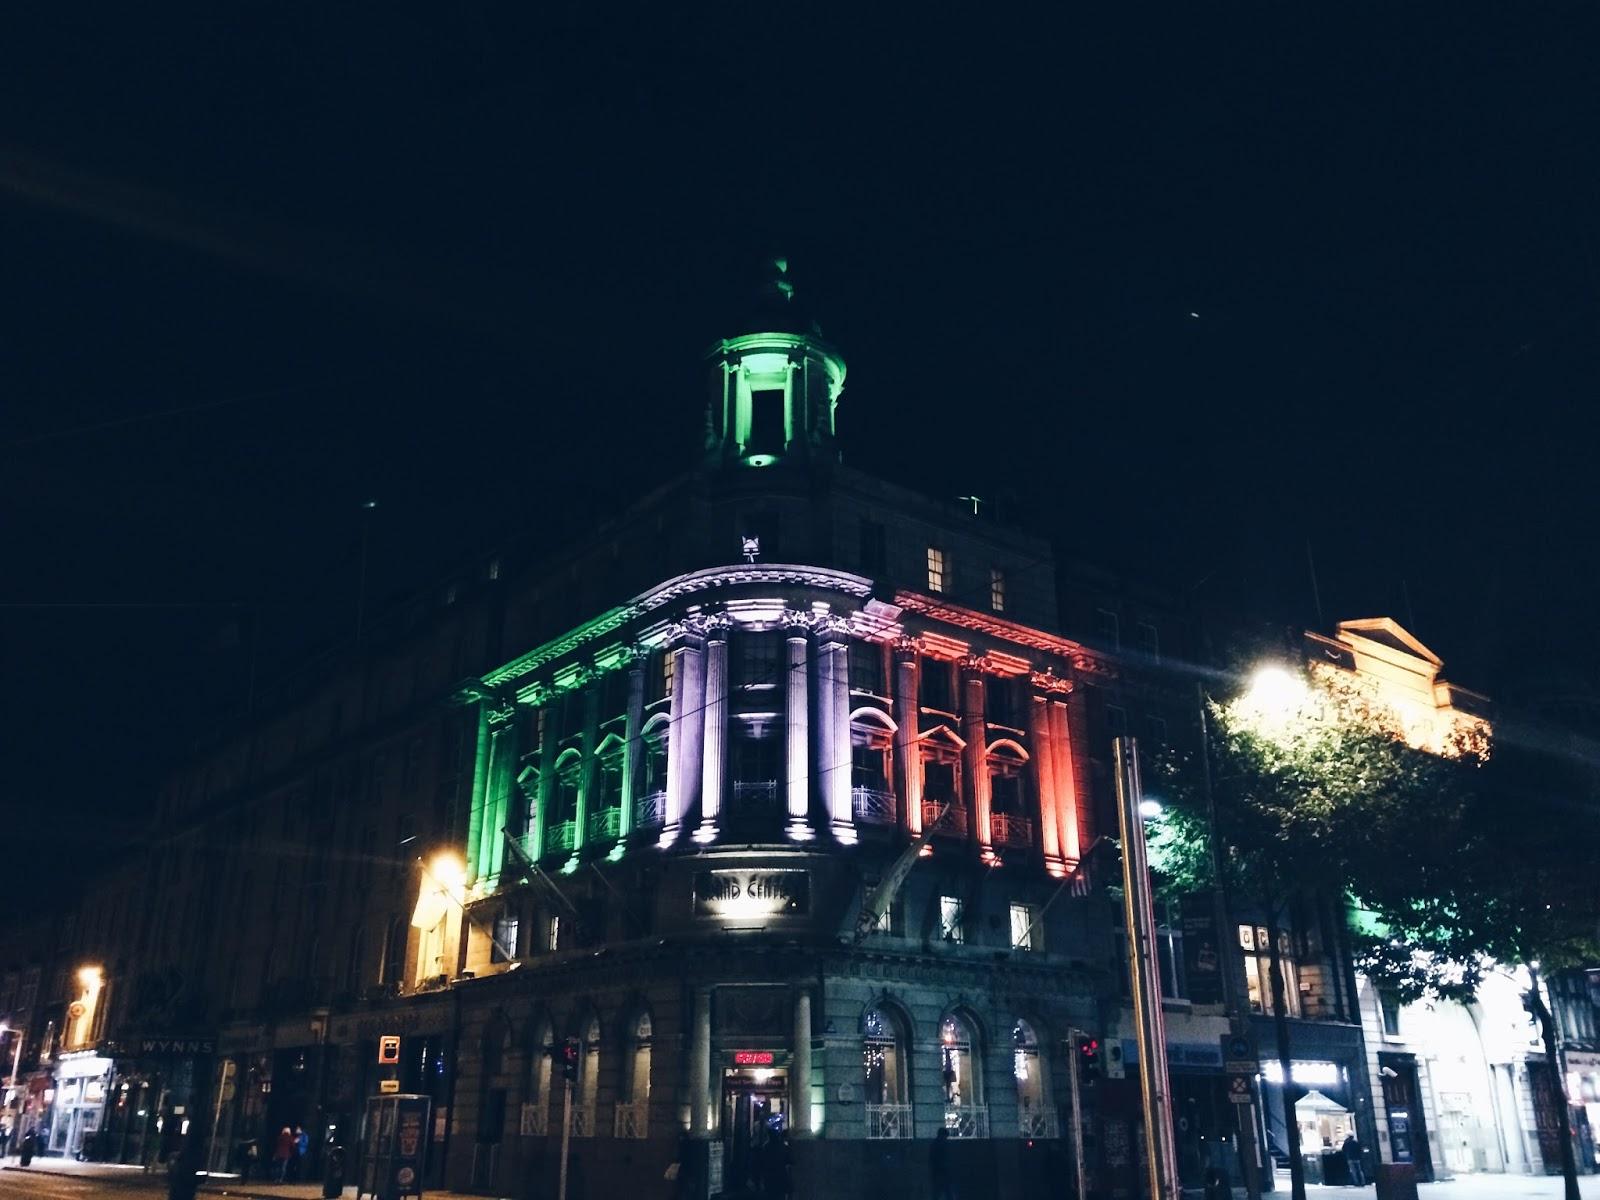 Dublin hotspot guide